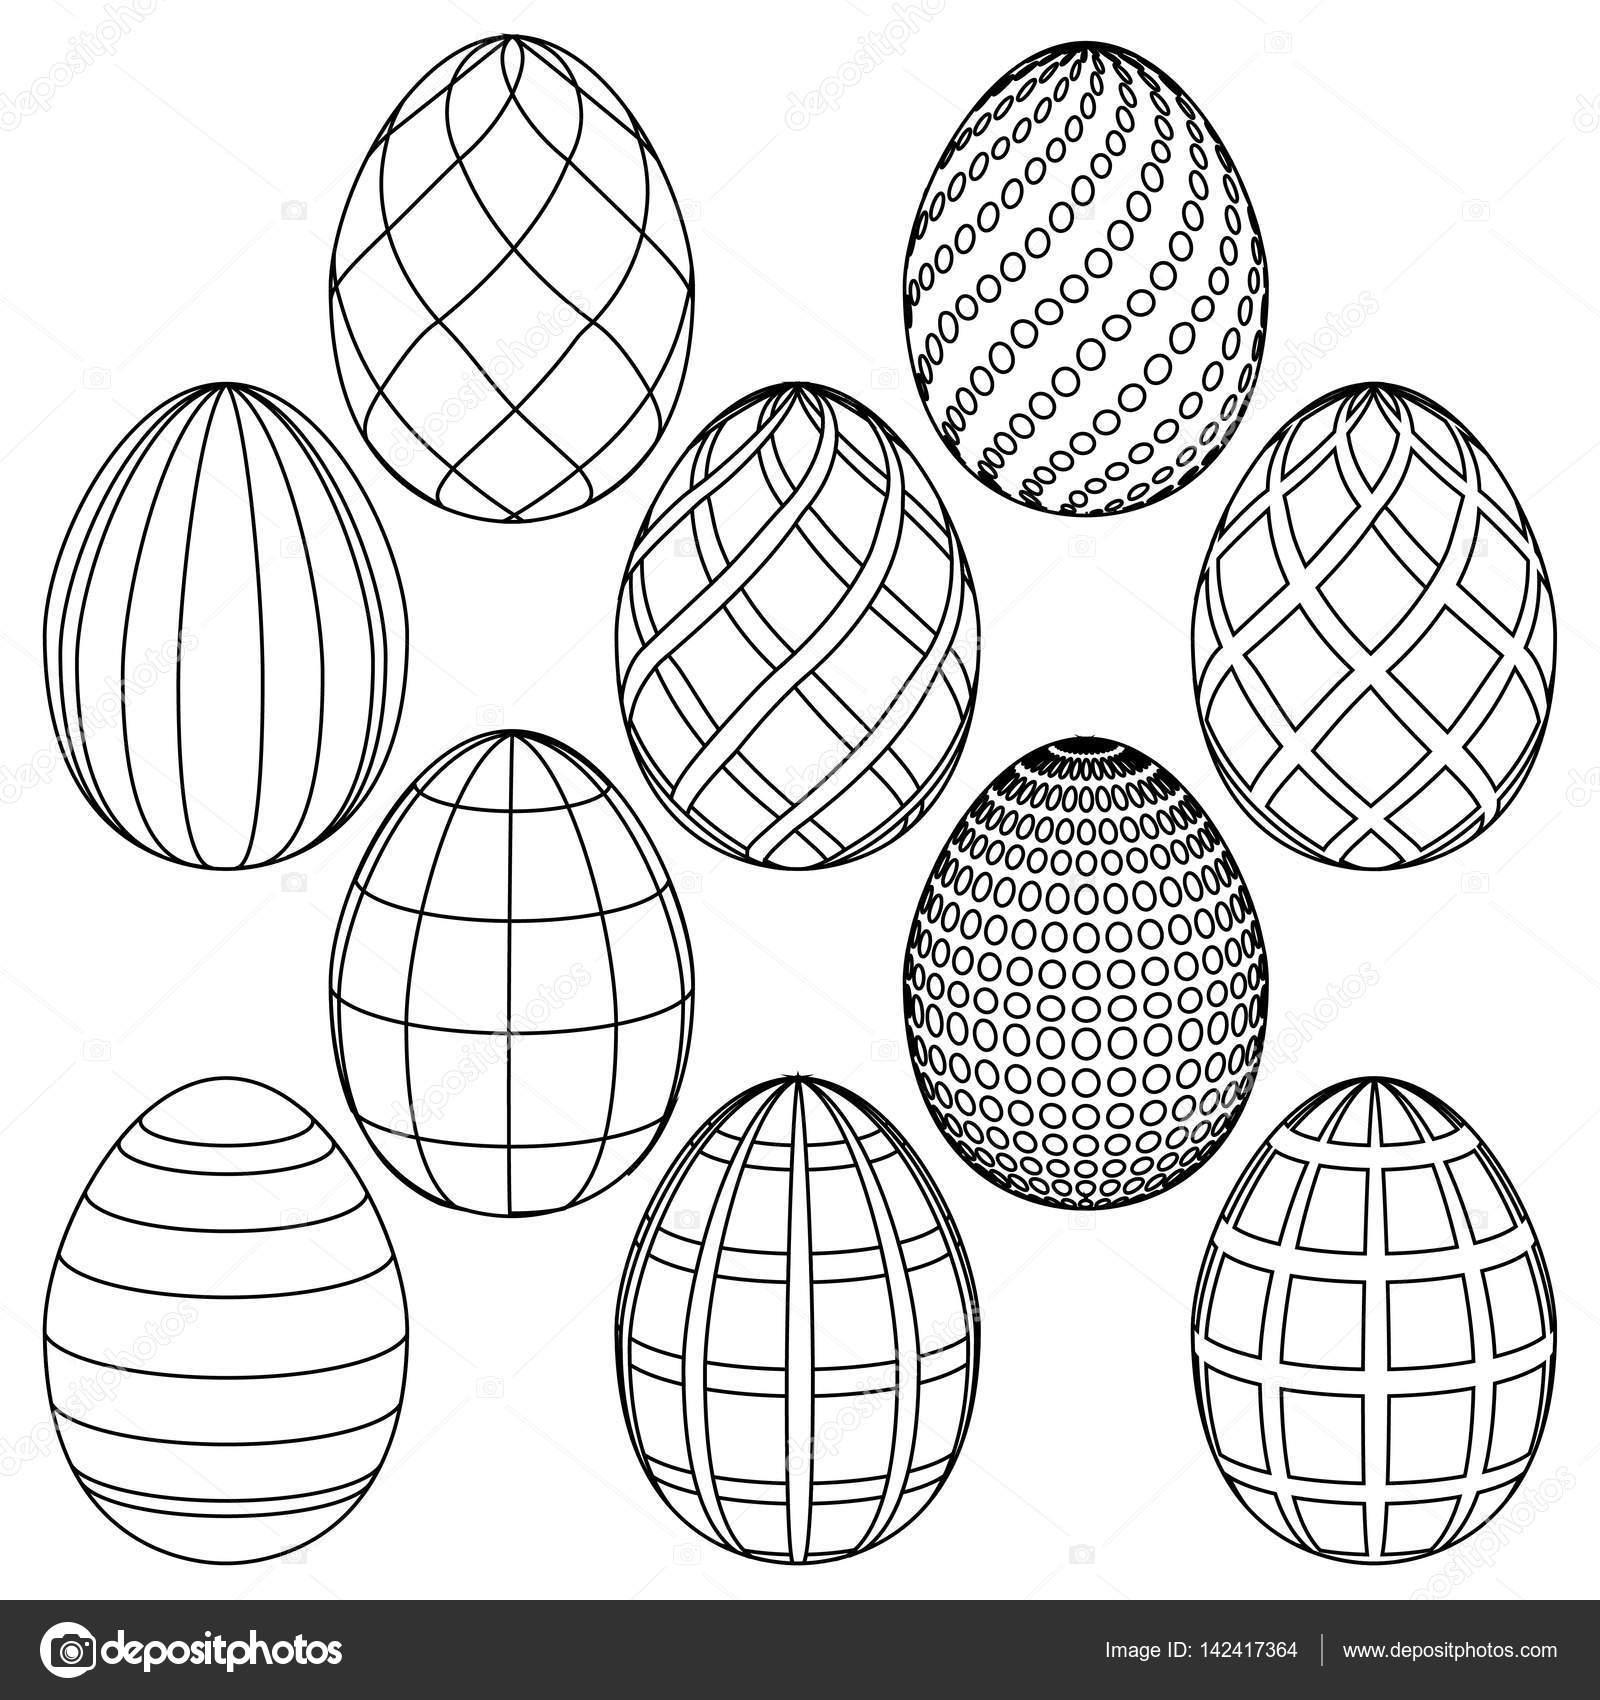 Dibujos de huevos de Pascua para colorear. Ilustración de vector ...